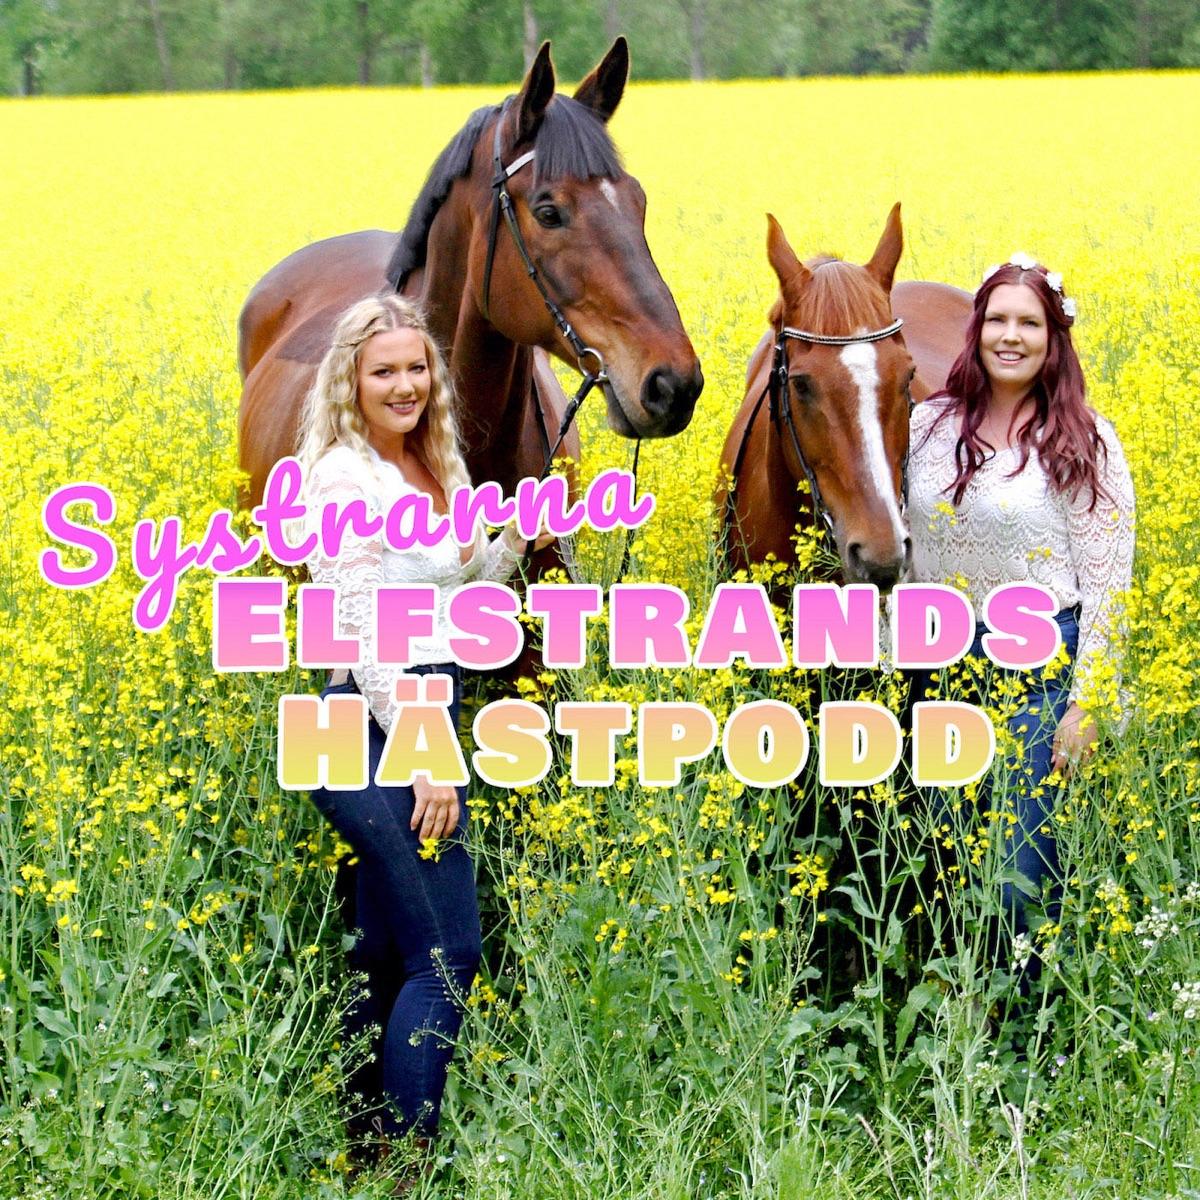 Systrarna Elfstrands Hästpodd